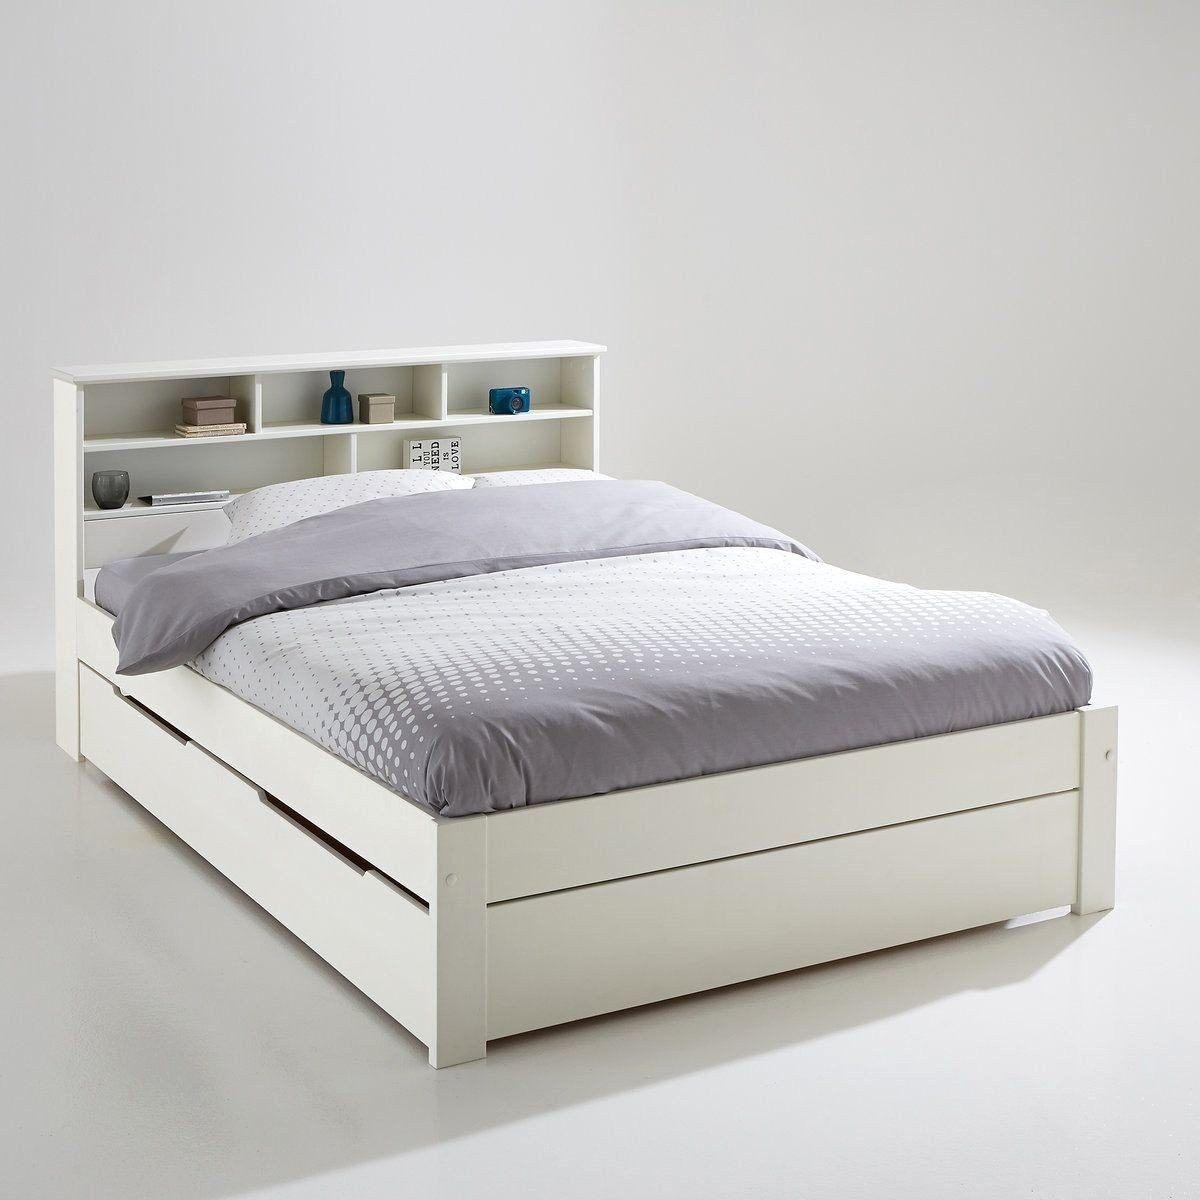 Tete De Lit Rangement 160 Bel Tete De Lit 160 Gris Clair Tete De Lit Ikea 180 Fauteuil Salon Ikea